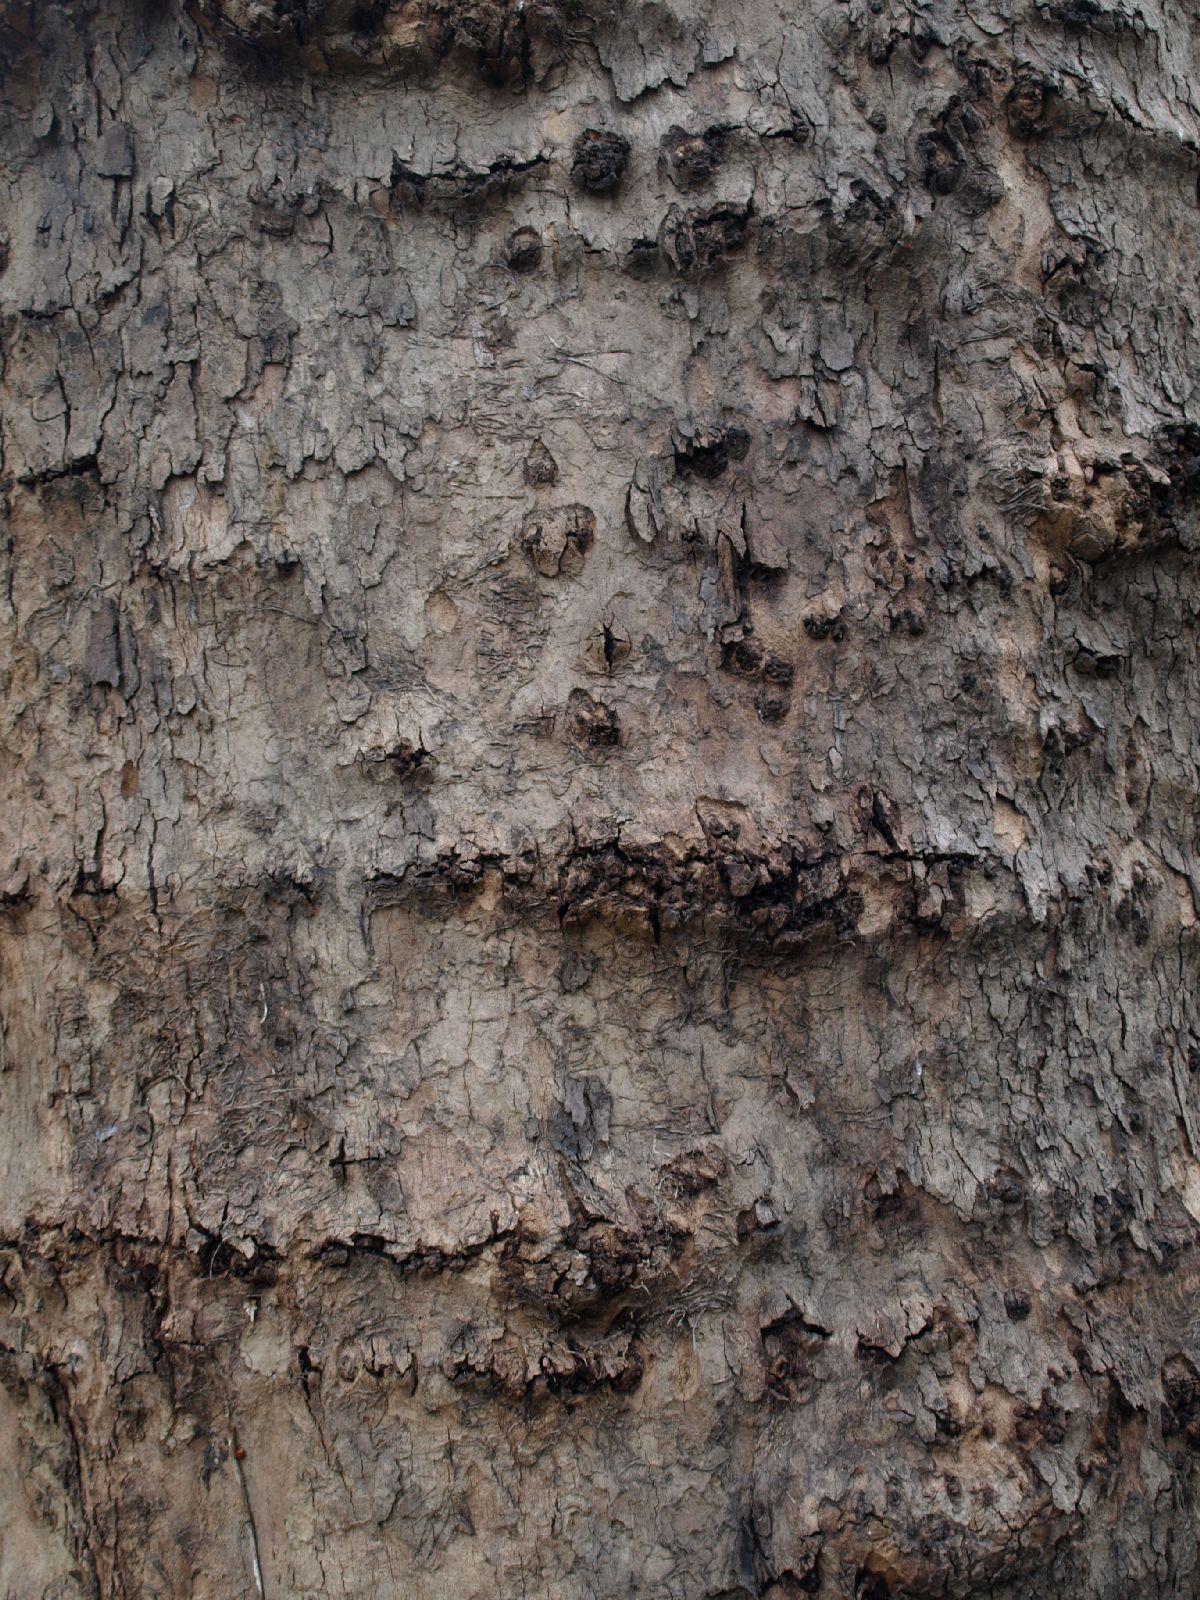 Holz_Textur_A_P4131168